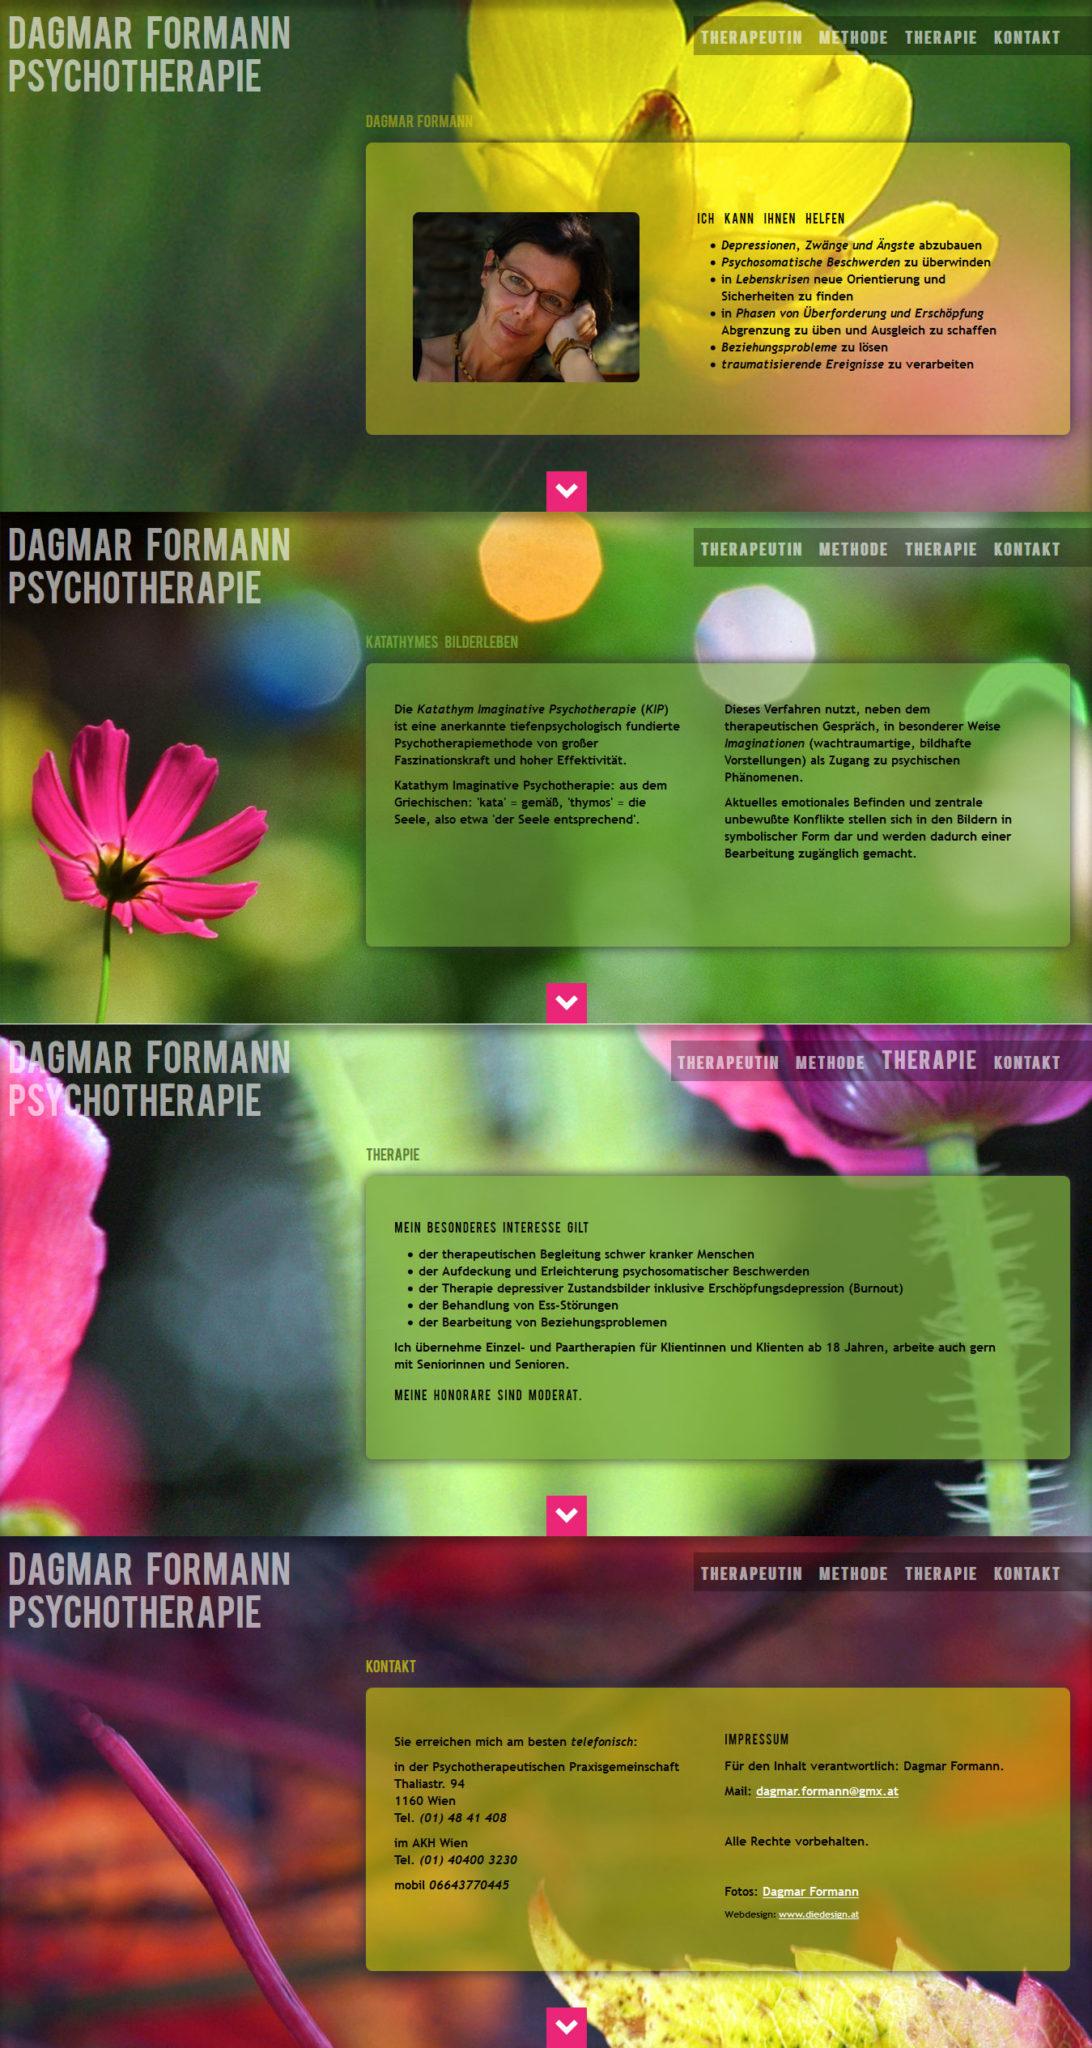 html5 und css3: parallax effekt auf einer one-page website: website für die psychotherapeutin dagmar formann